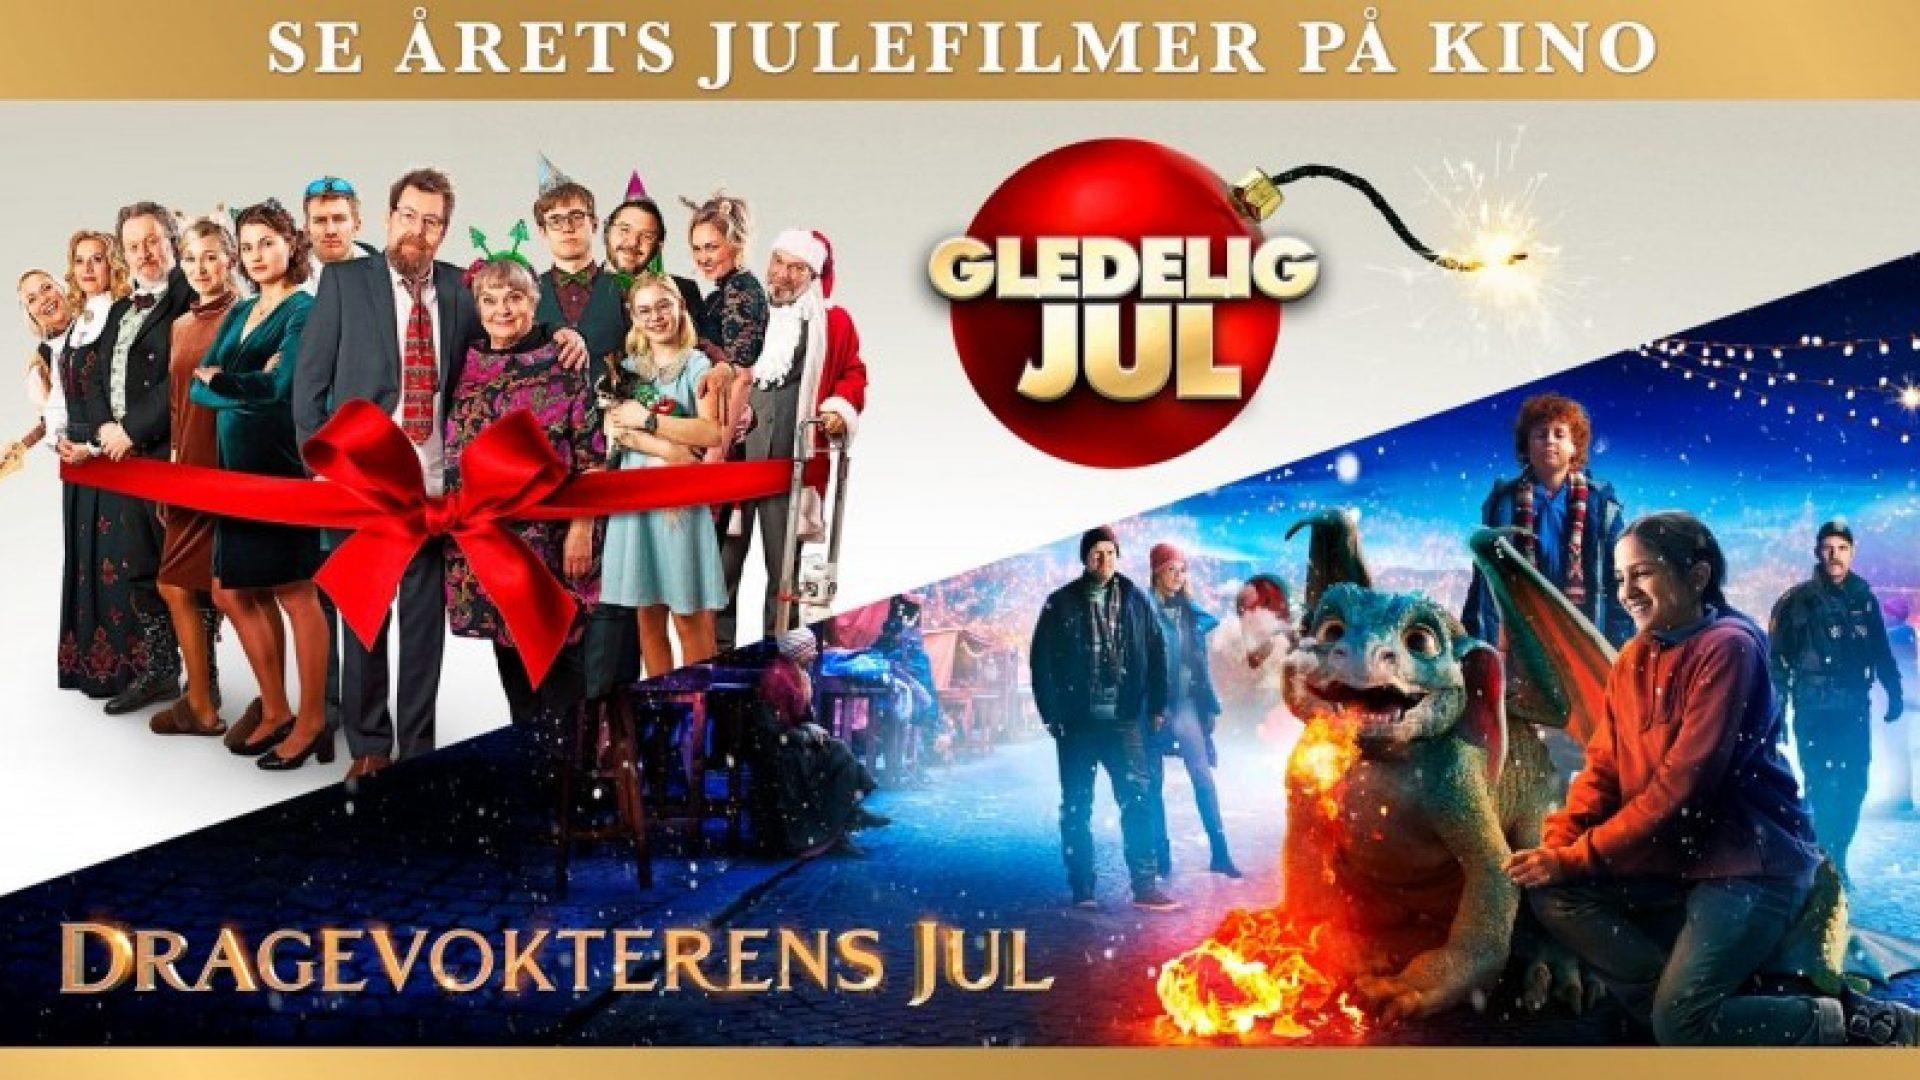 Plakat for julekino